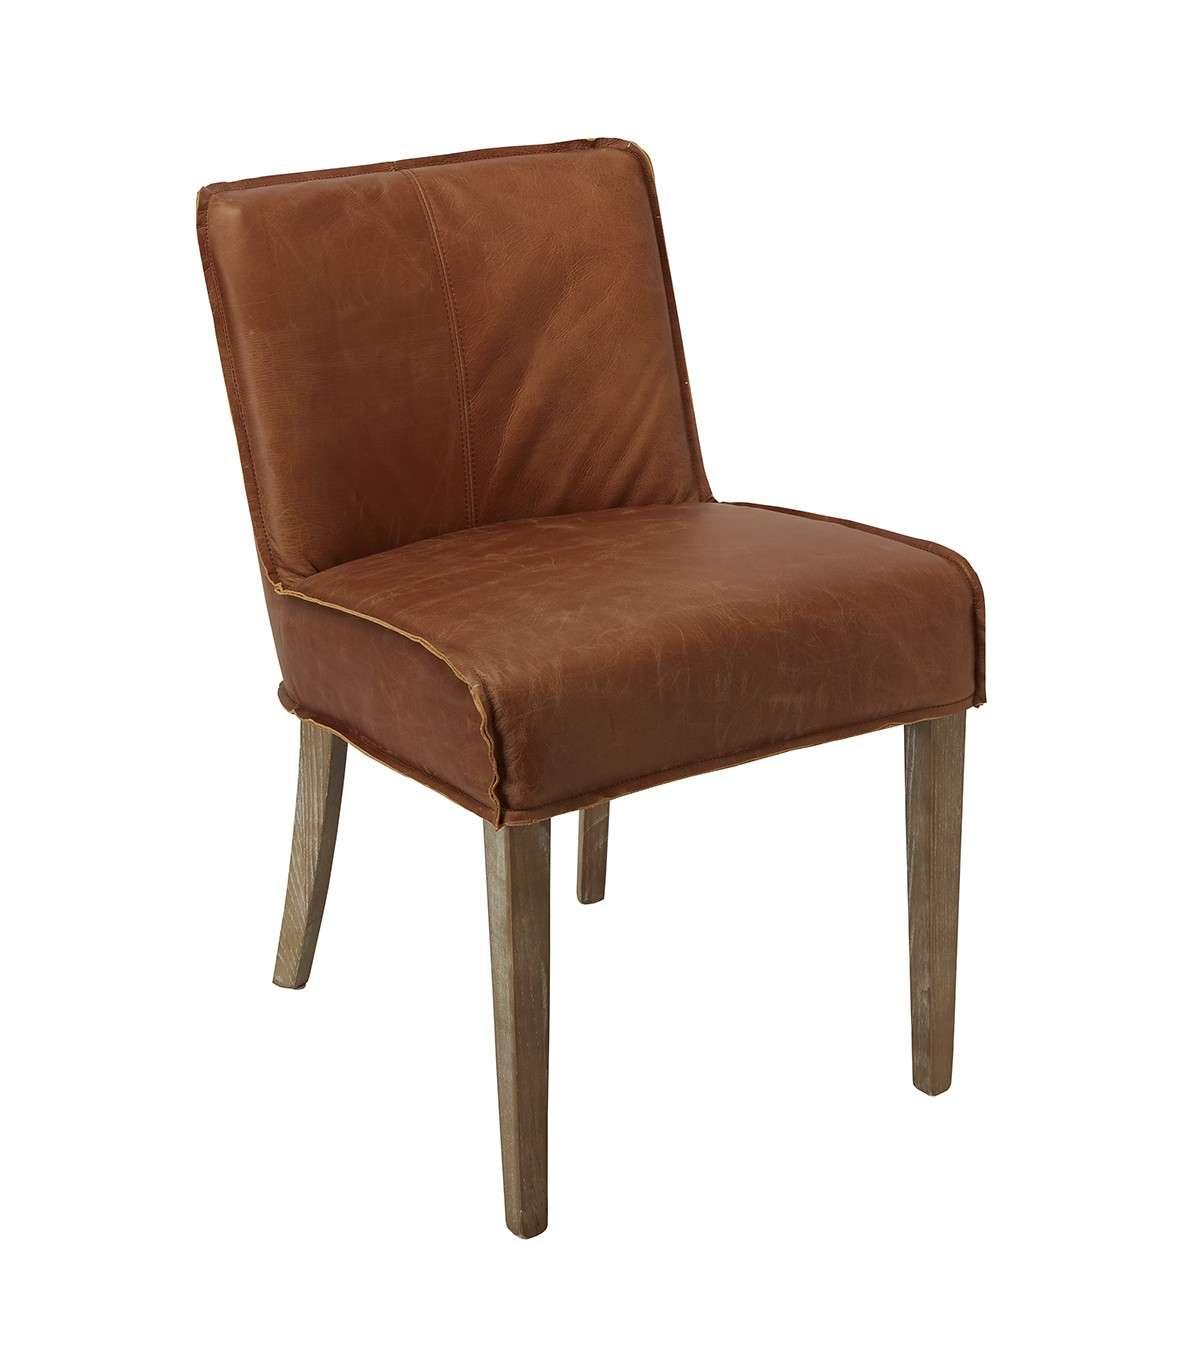 Chaises En Cuir Emma - Lot De 6 intérieur Lot De 6 Chaises But